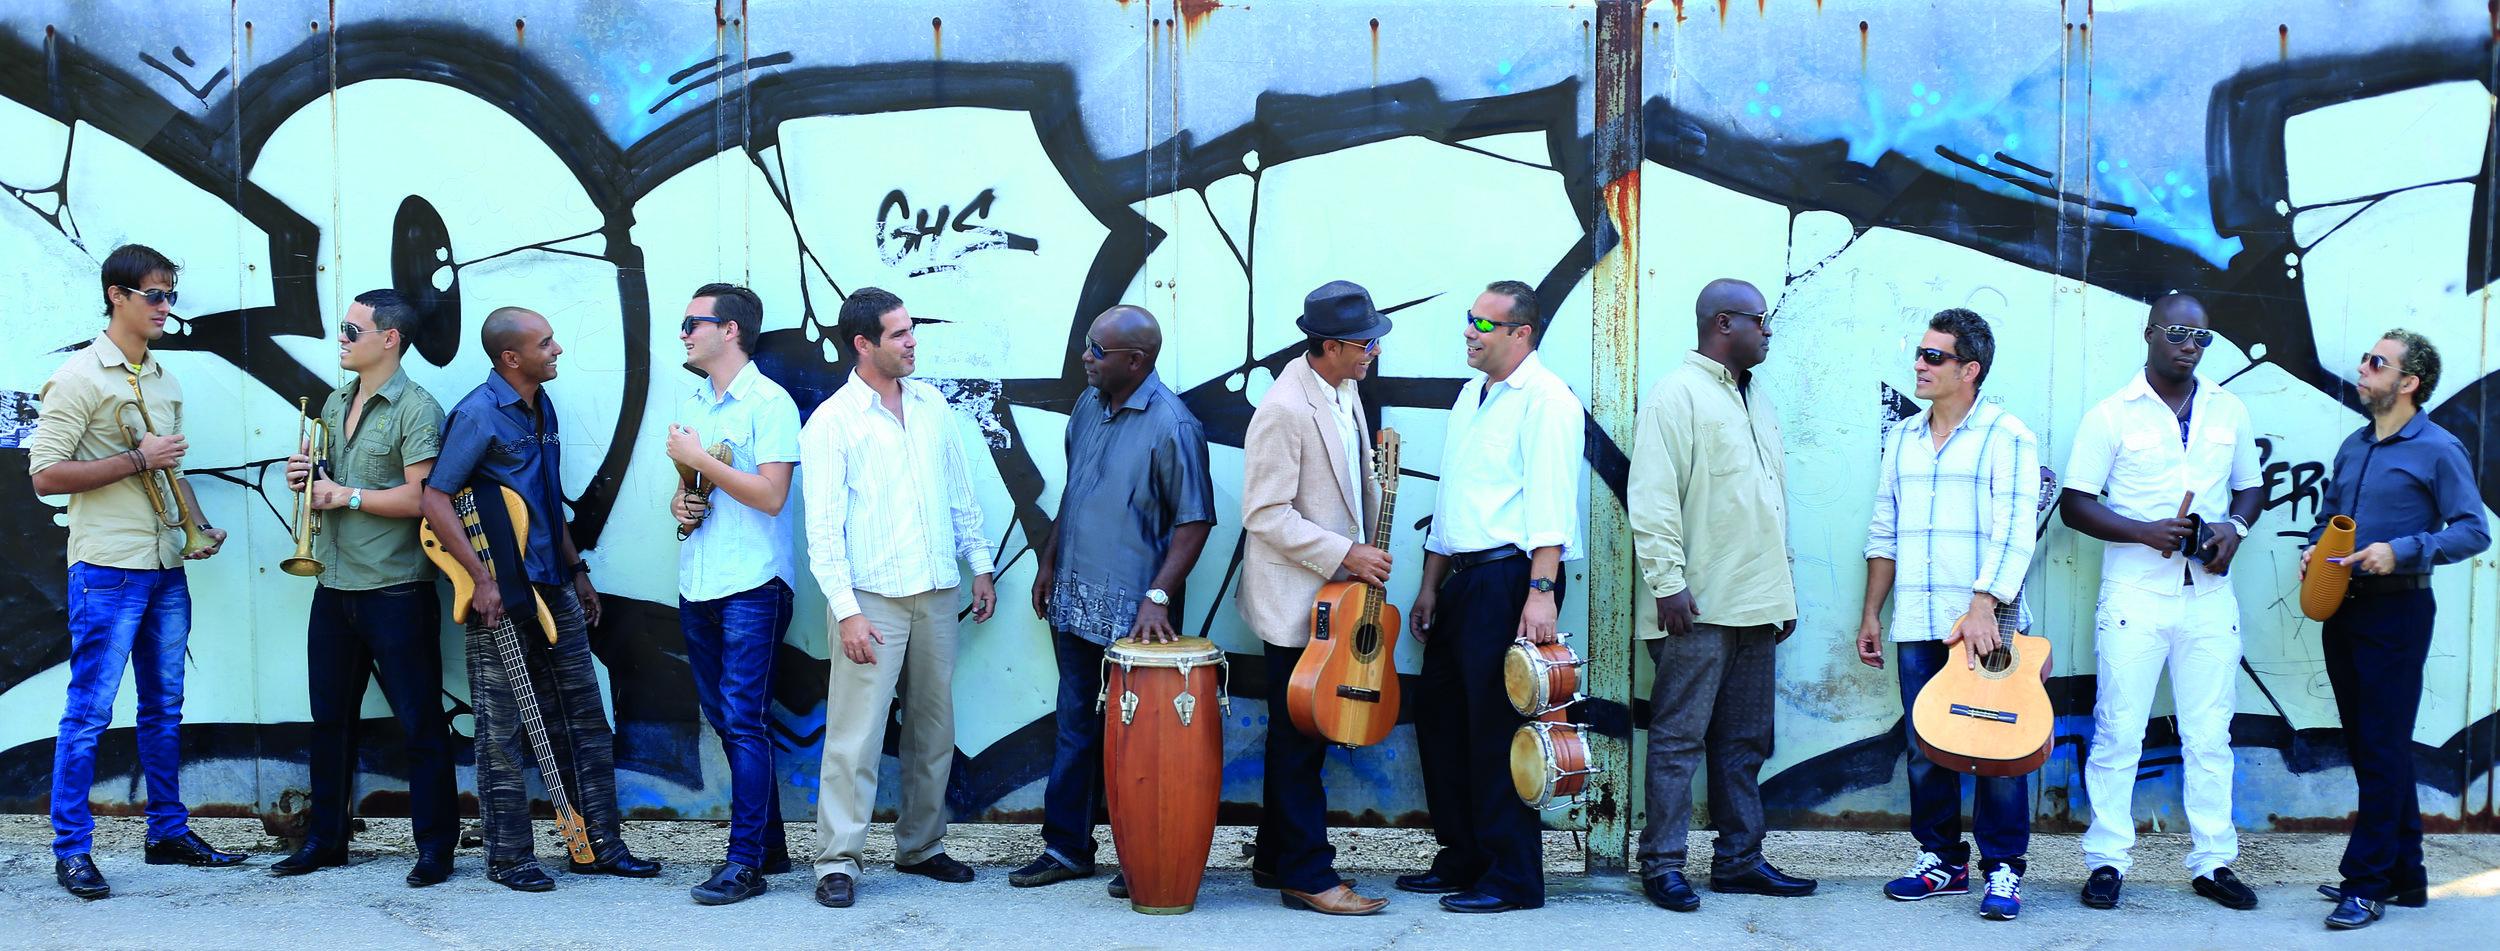 Asere Havana Hi-res.jpg